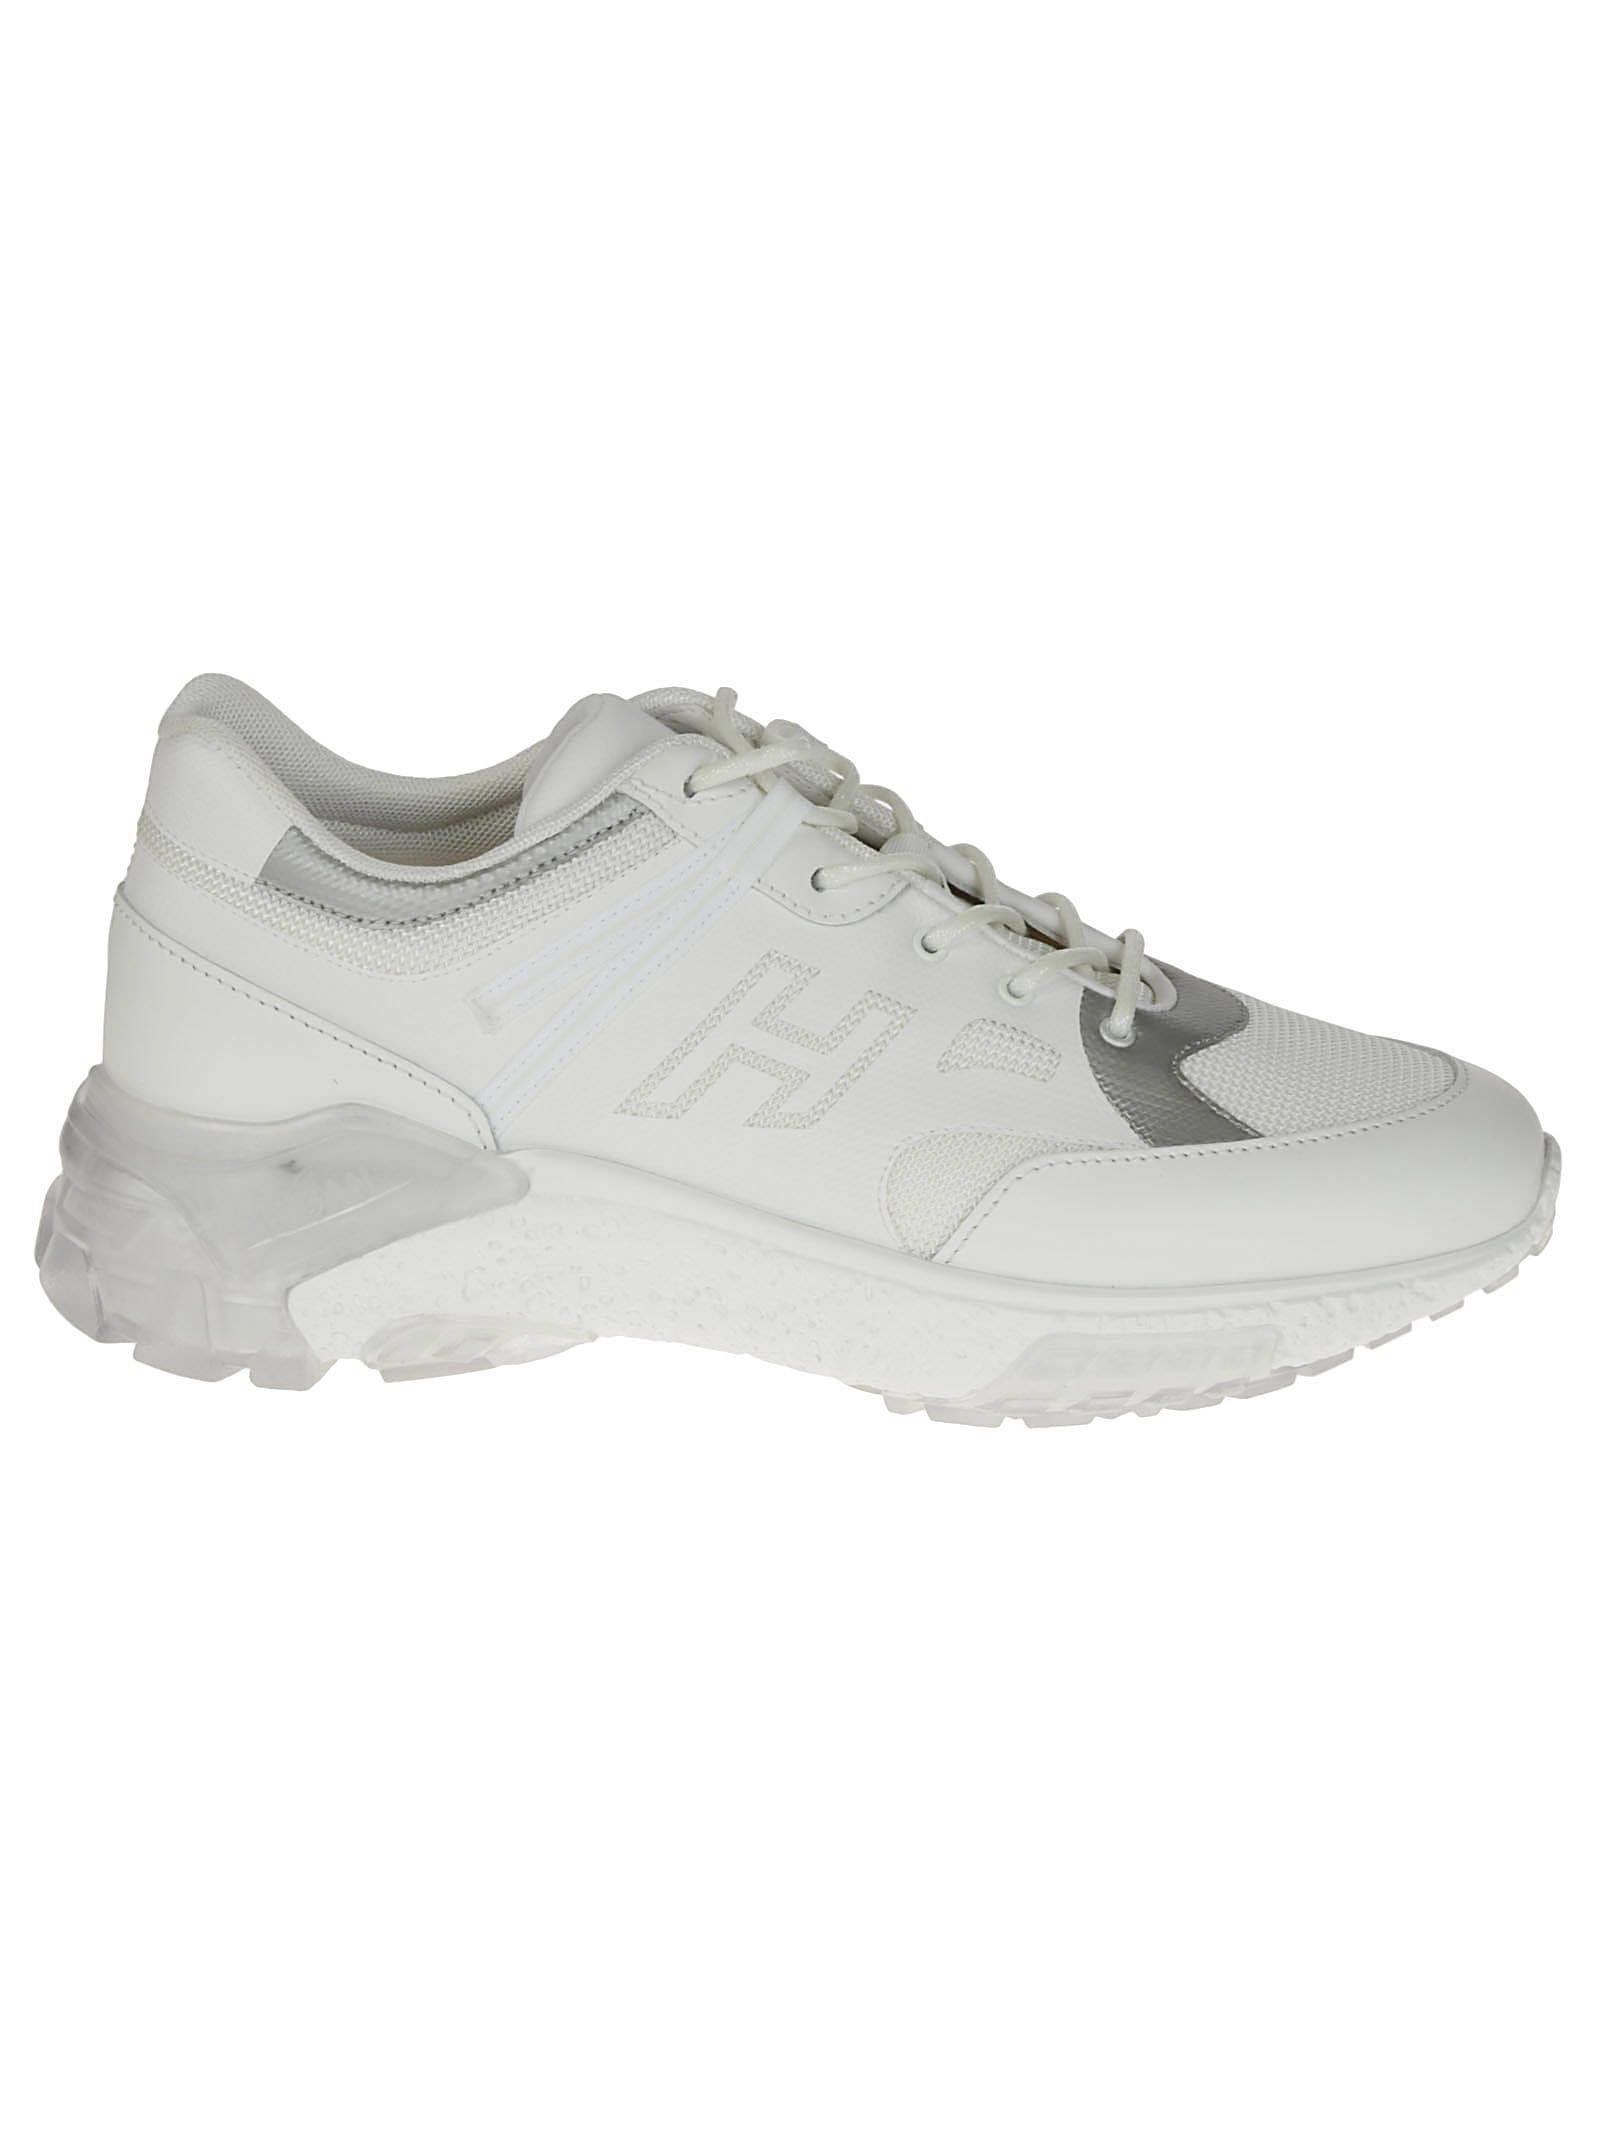 Hogan H477 Urban Treck Sneakers